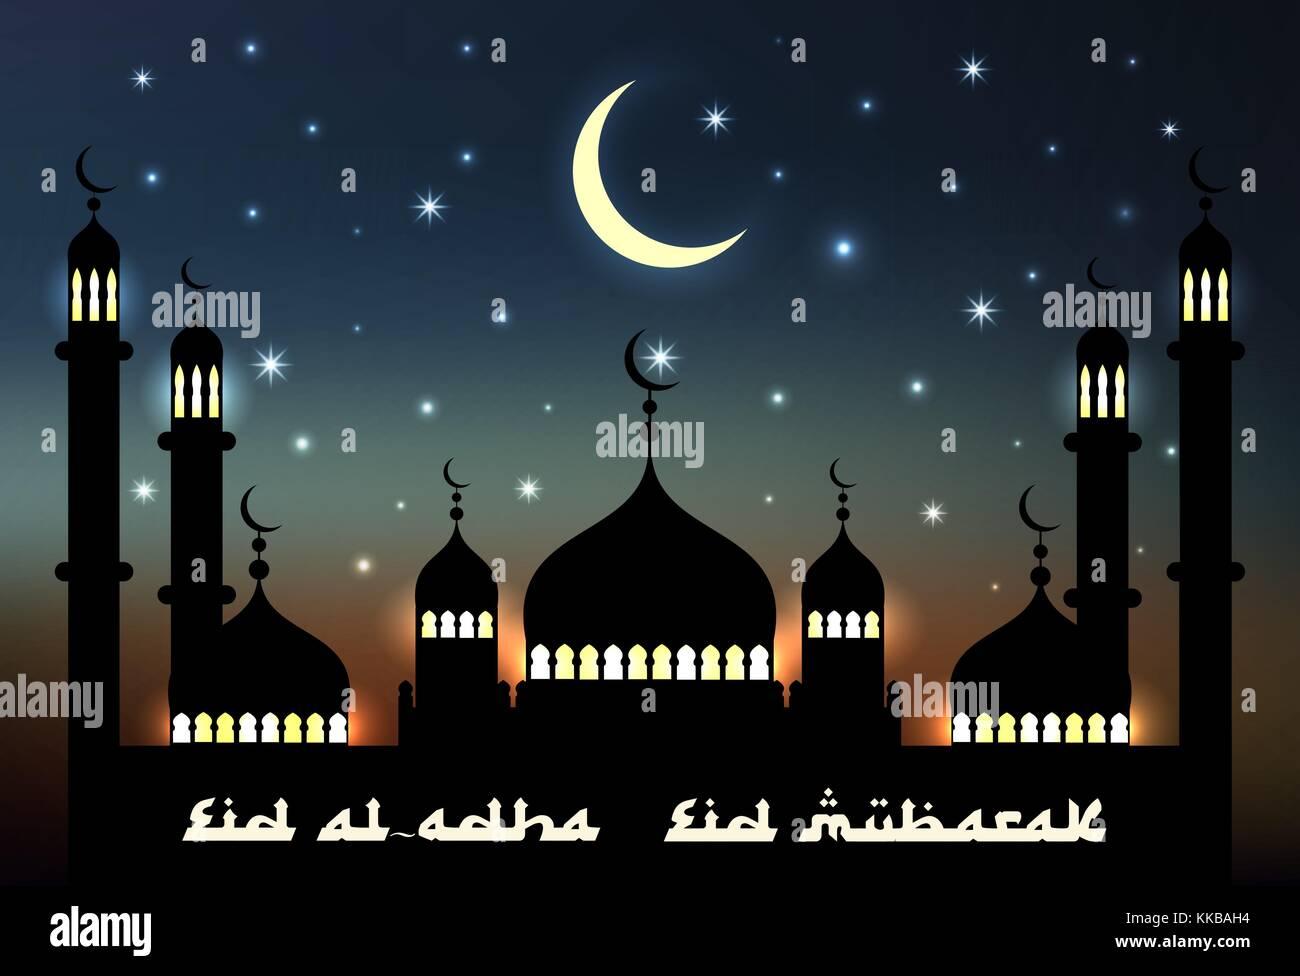 Festividad islámica ilustración vectorial. Rotulación composición del mes santo musulmán Imagen De Stock